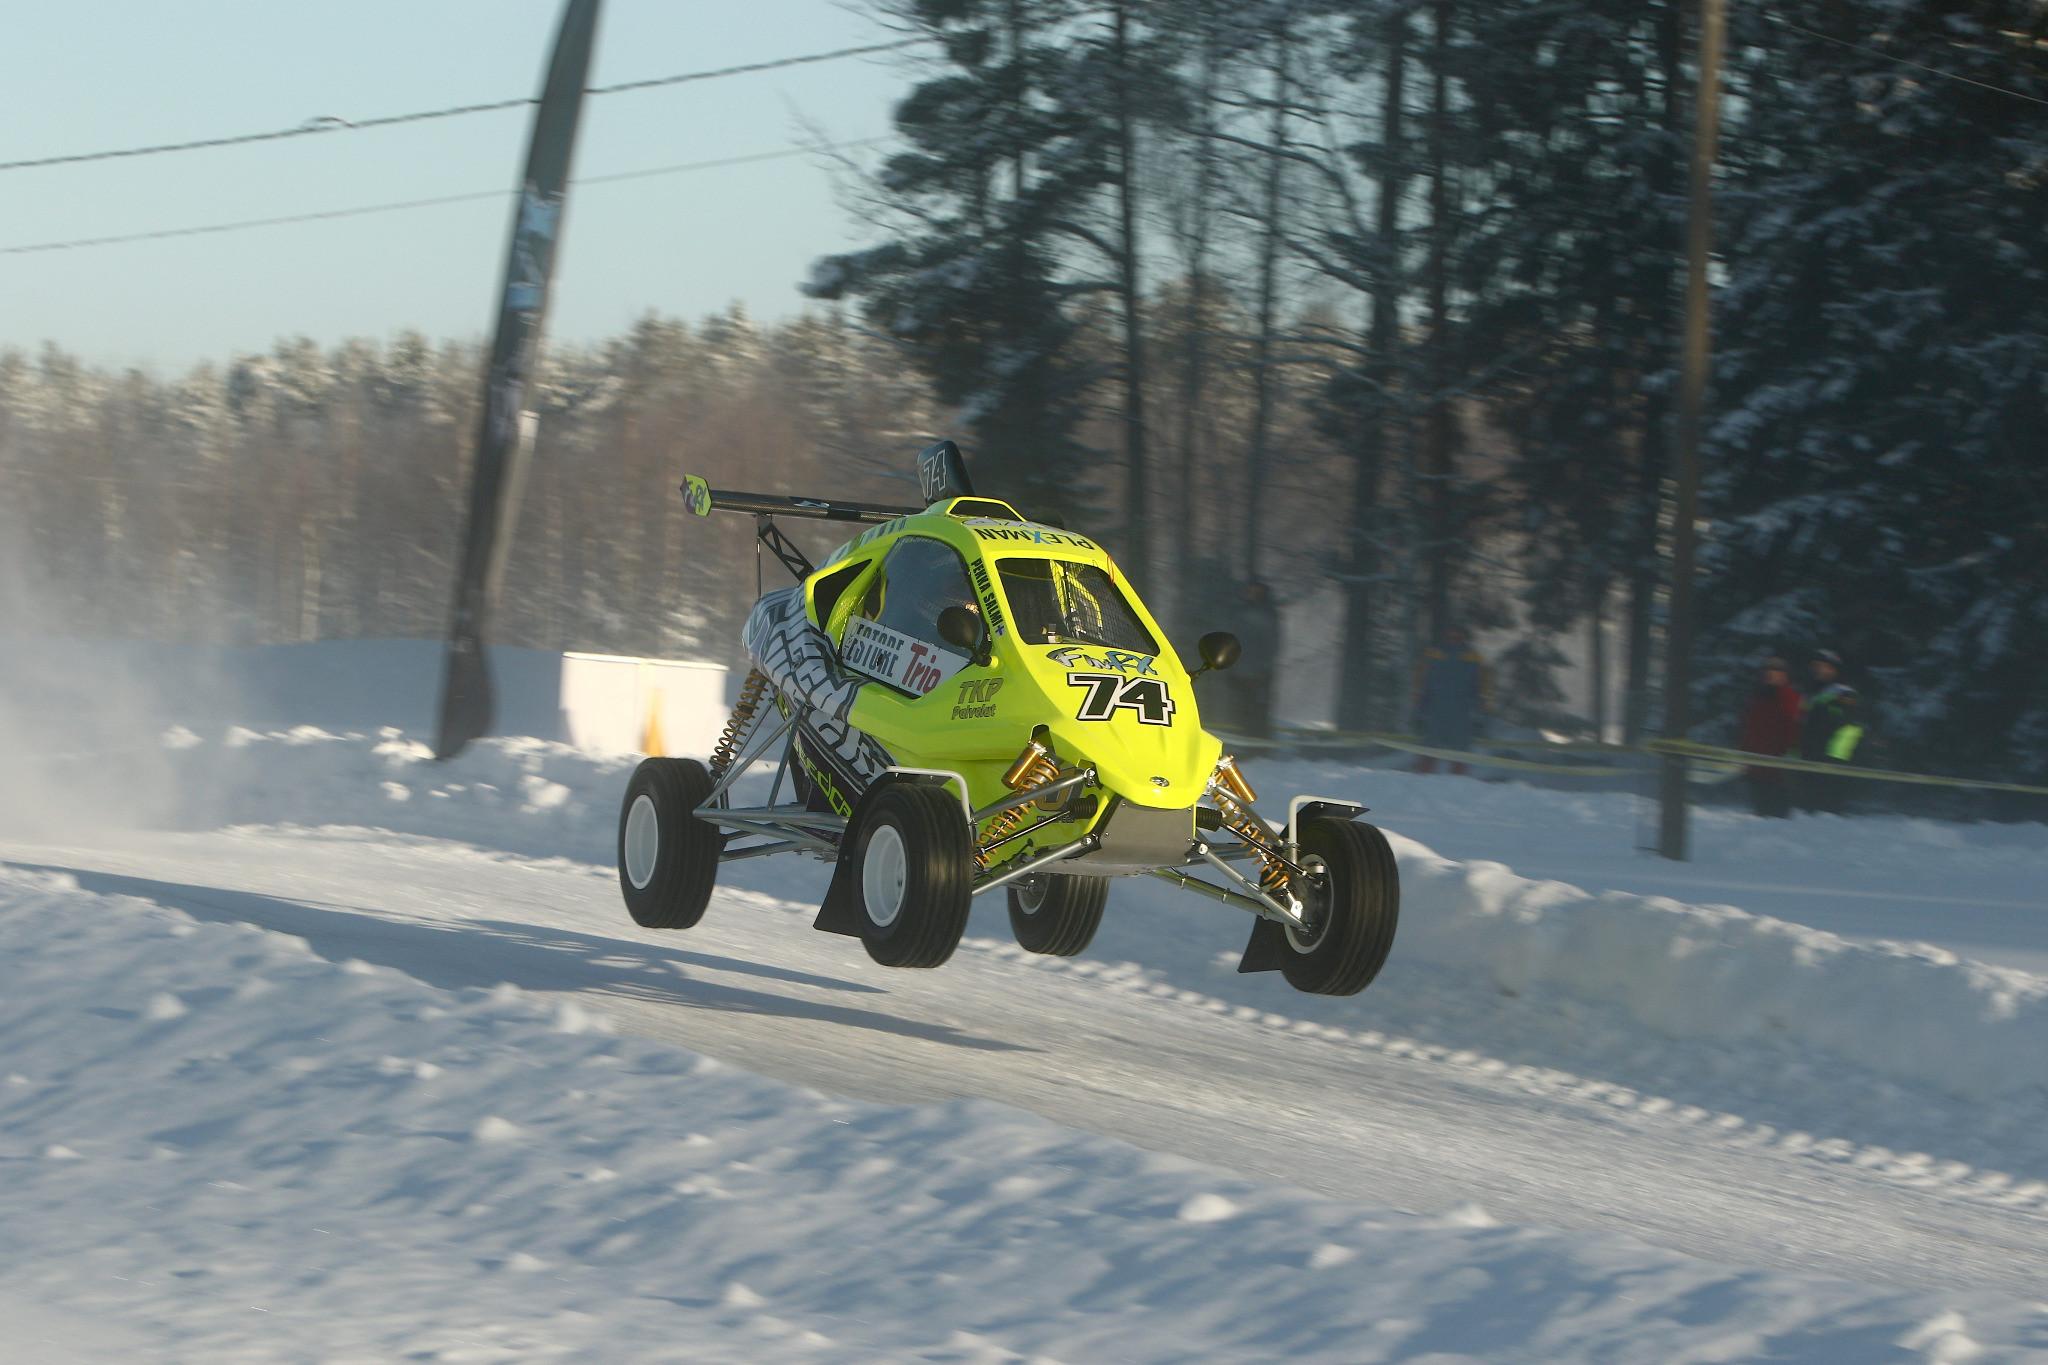 Kuva: RallyPhoto Finland #74 Pekka Salmi